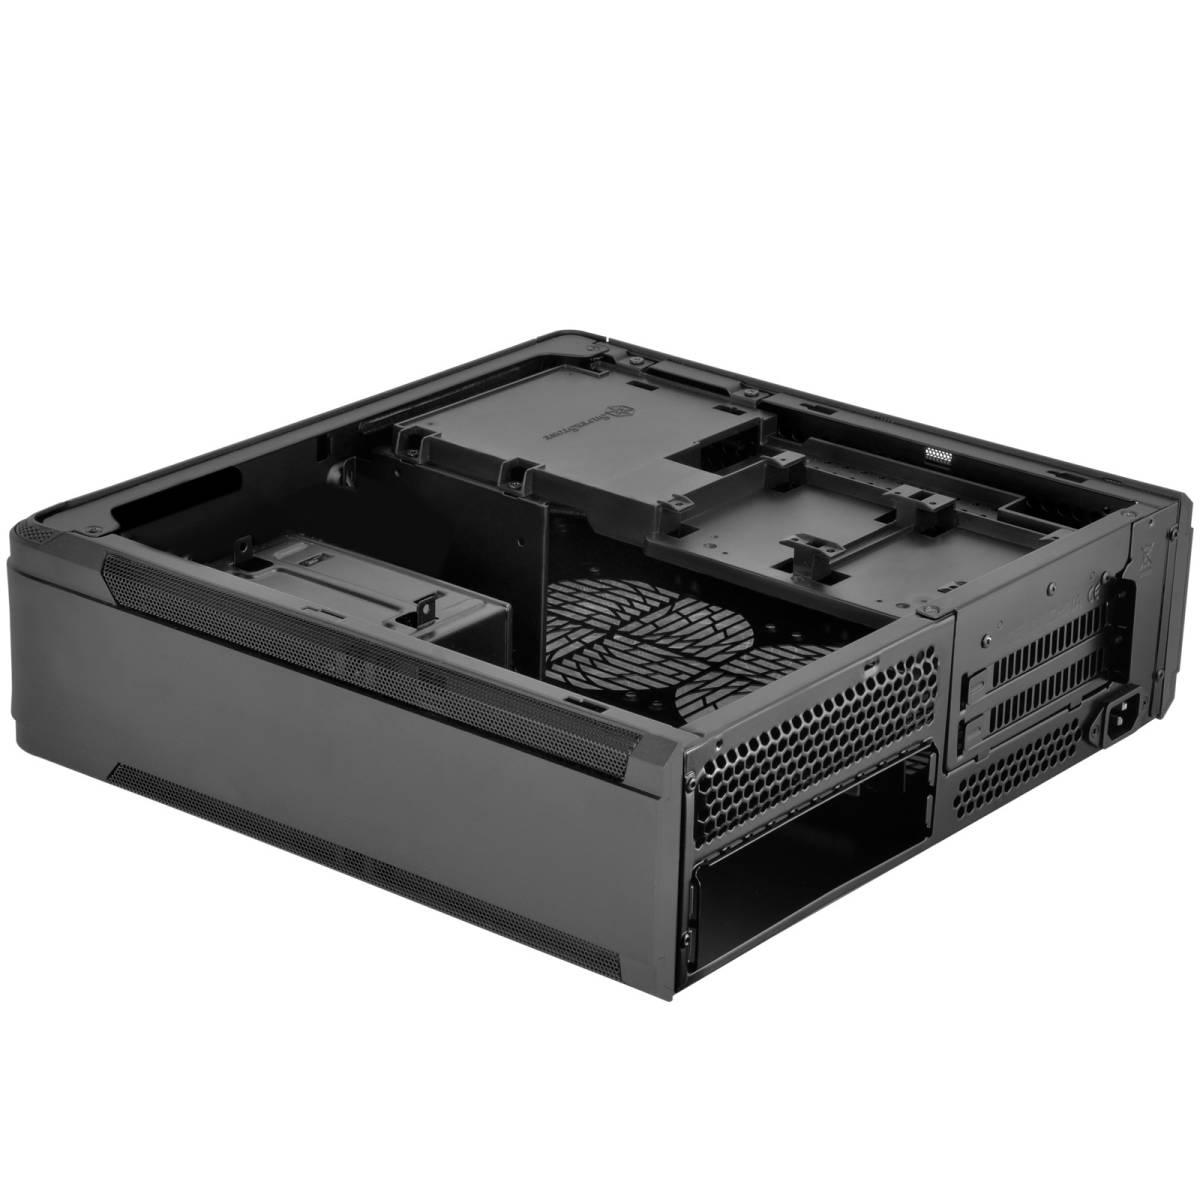 1円~ SilverStone SST-FTZ01B (Mini-ITX スリム itx dtx RVZ01 ML07B ゲーミング PCケース ftz HTPC スチール 光学ドライブ SFX 水冷) _画像6